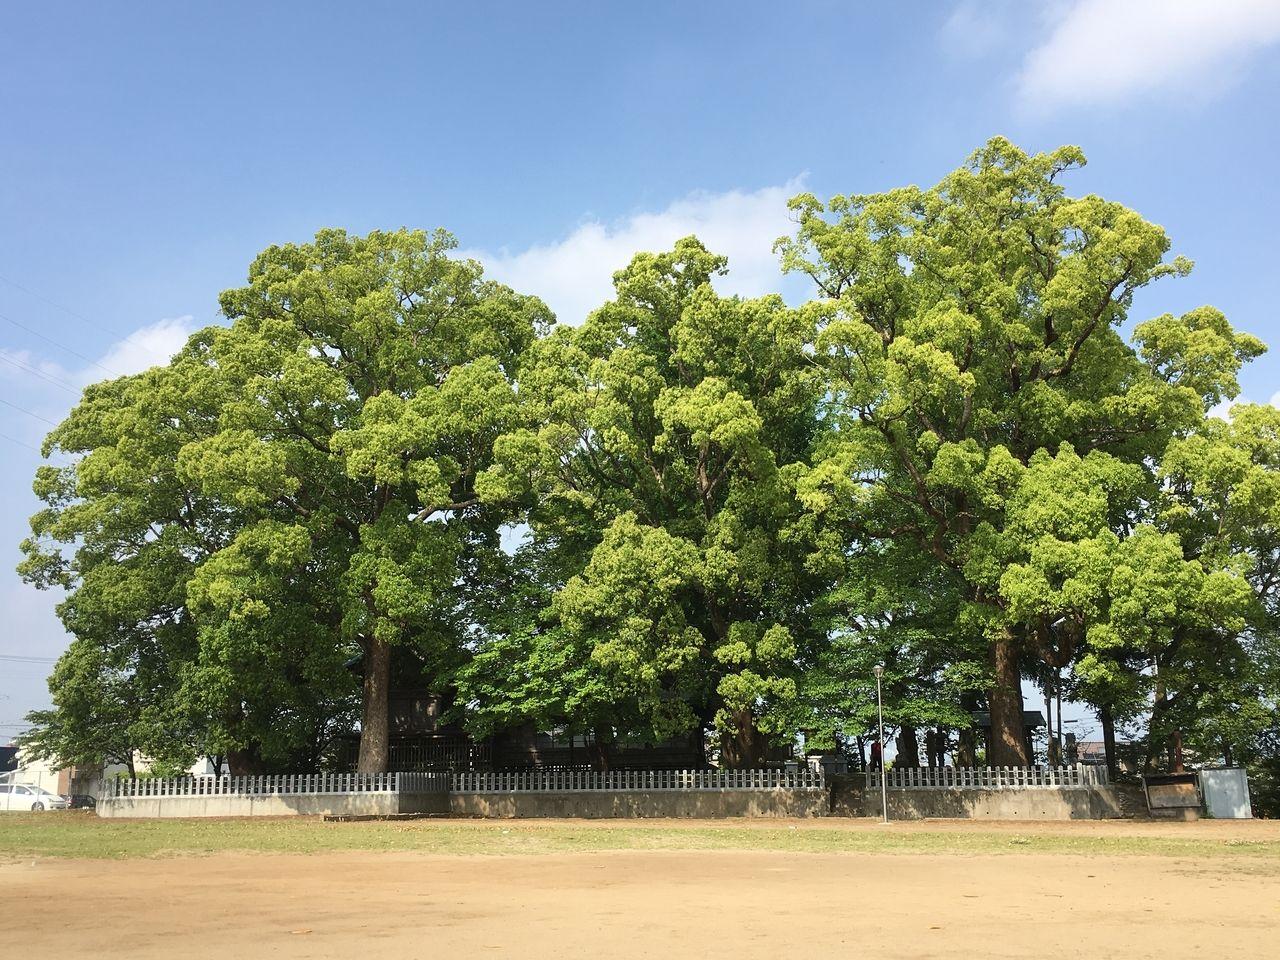 熊本市東区にある秋津東公園に隣接する沼山津神社の新緑エネルギー溢れる御神木